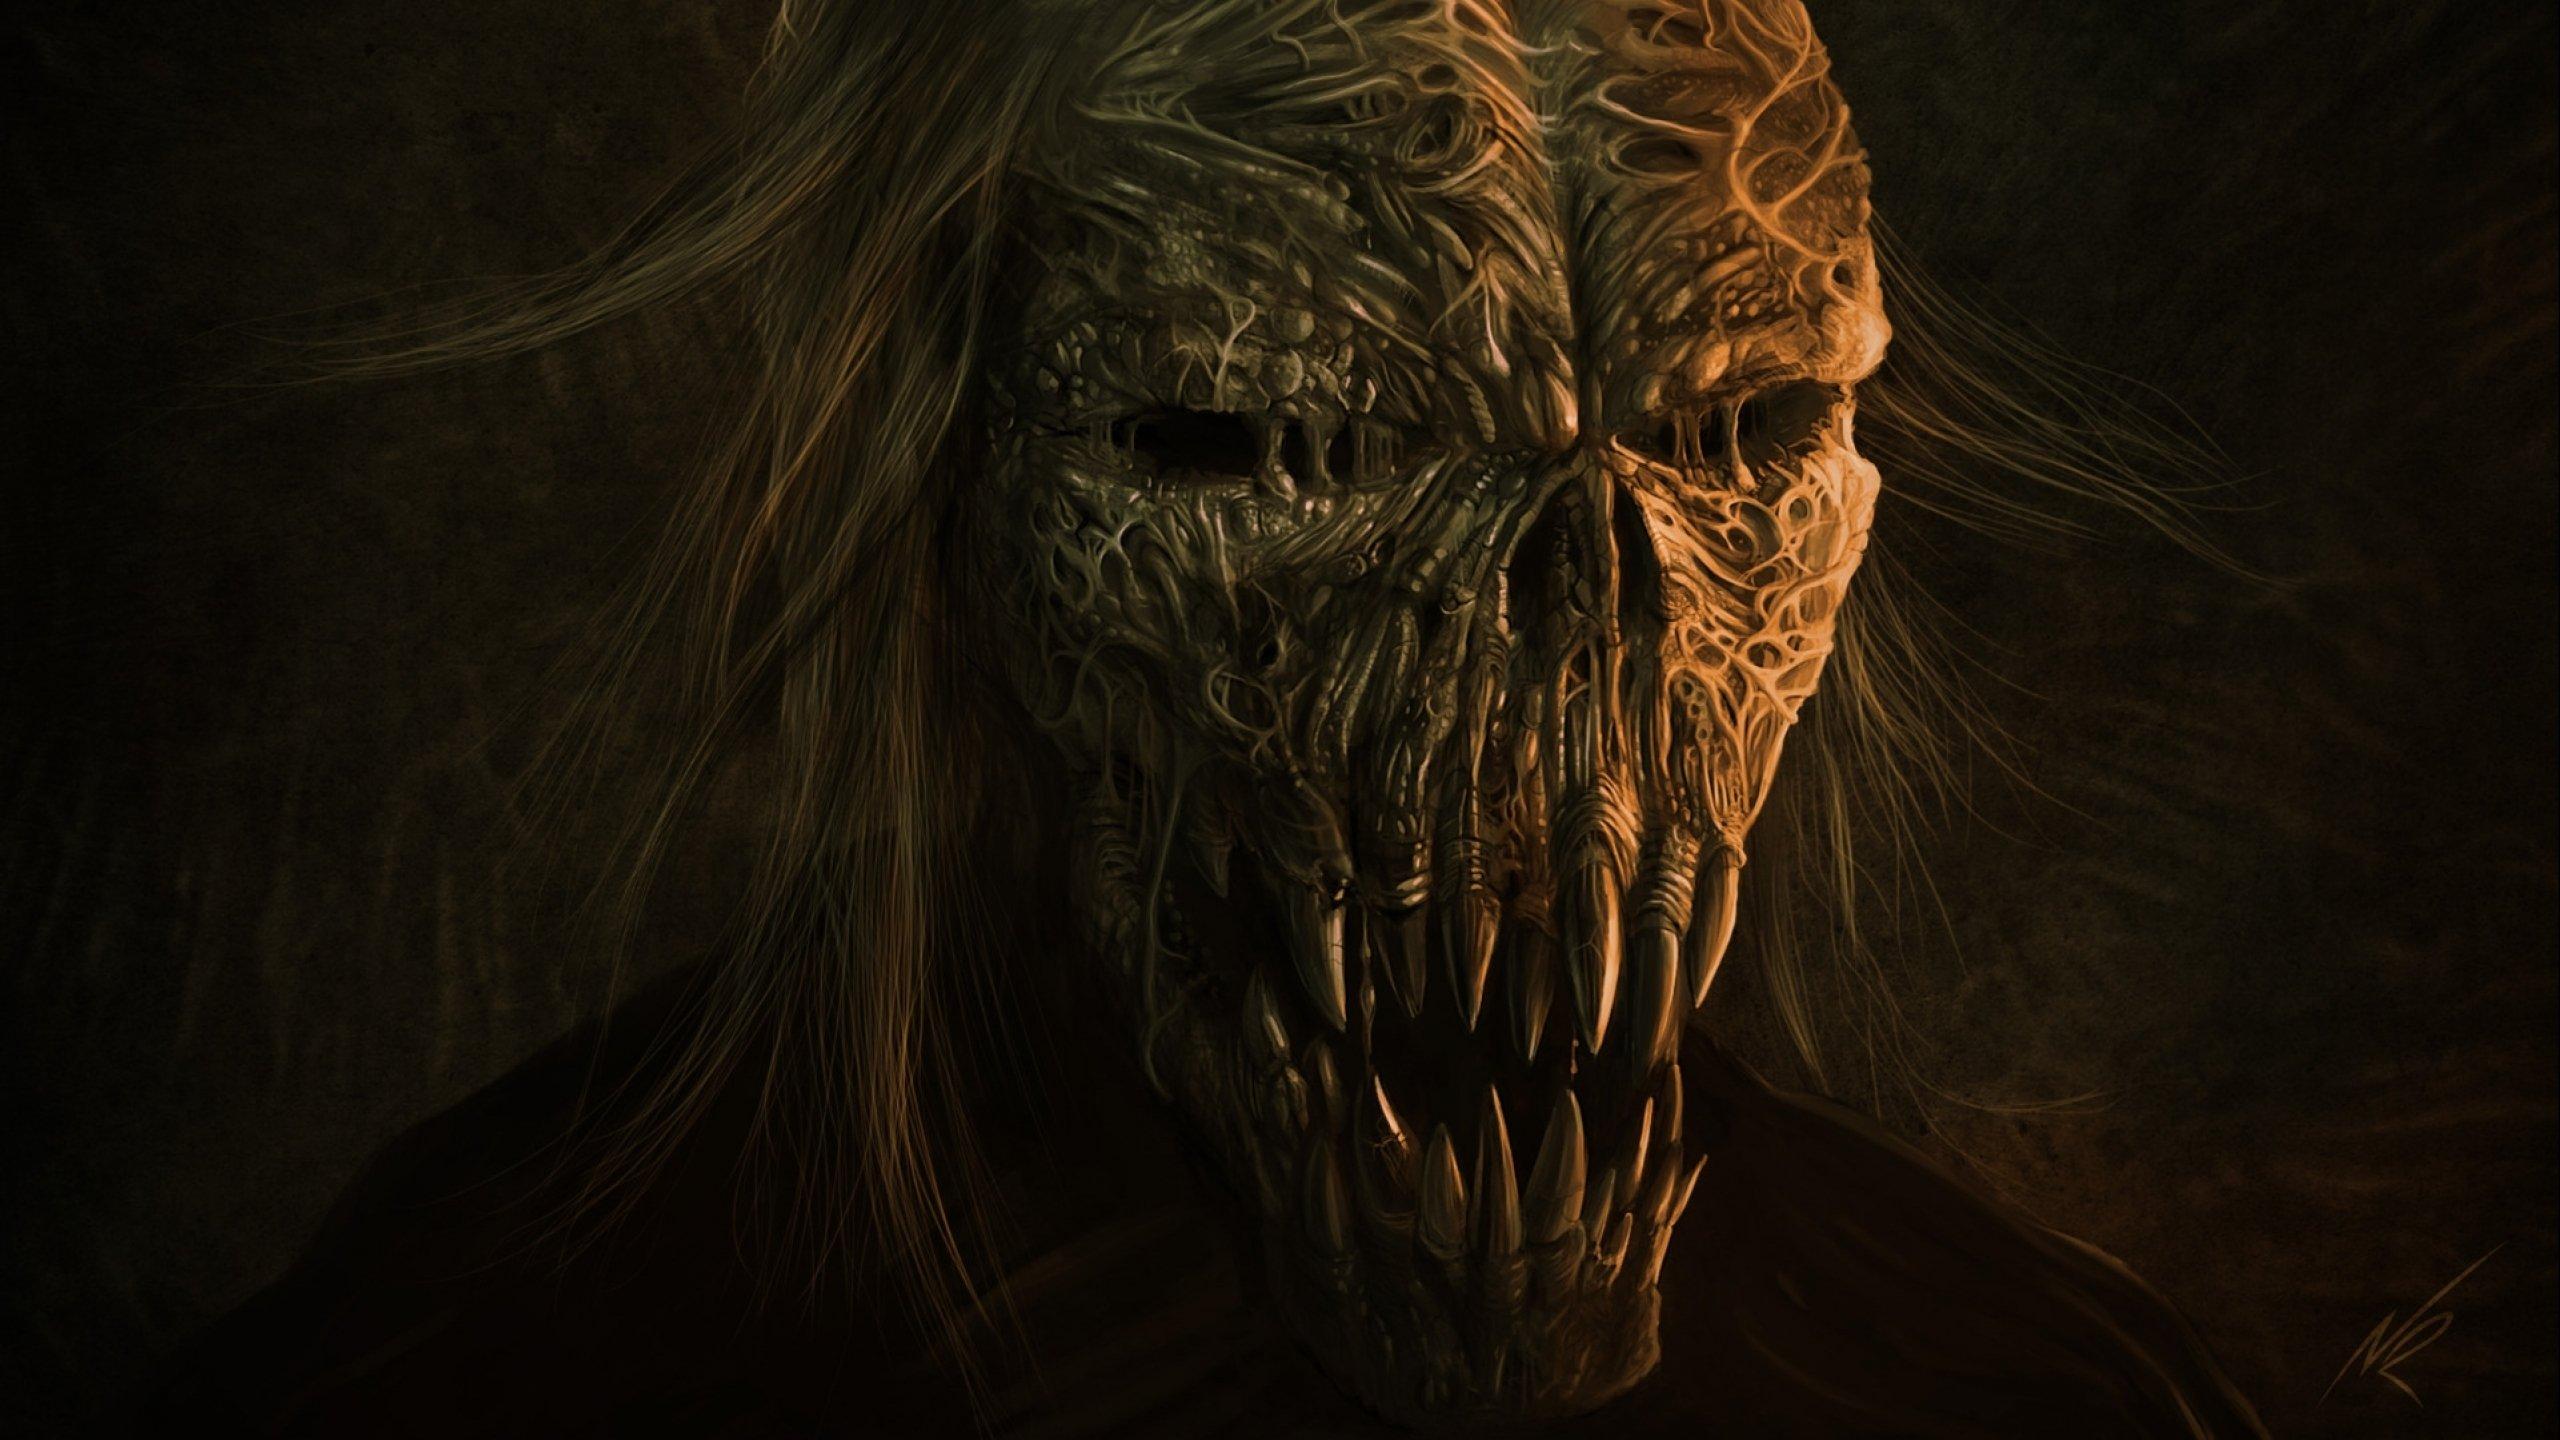 demon skull wallpaper - photo #39